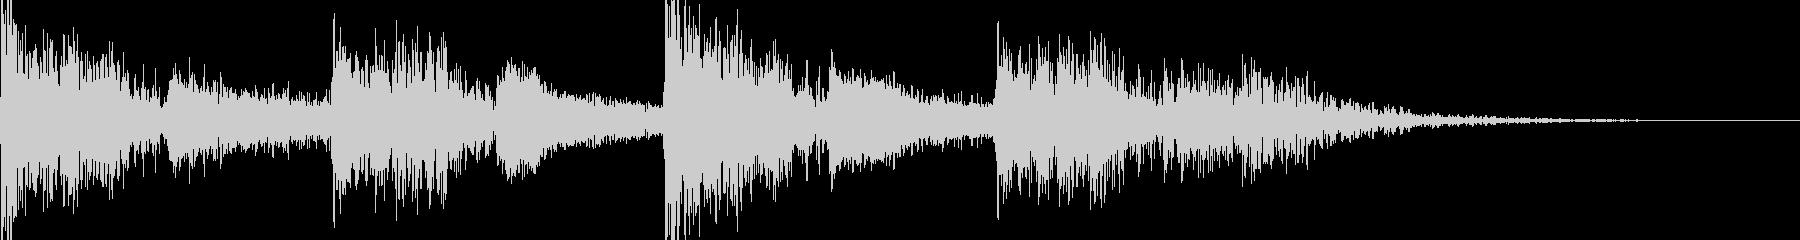 映画のトレーラー風 ドラムの未再生の波形